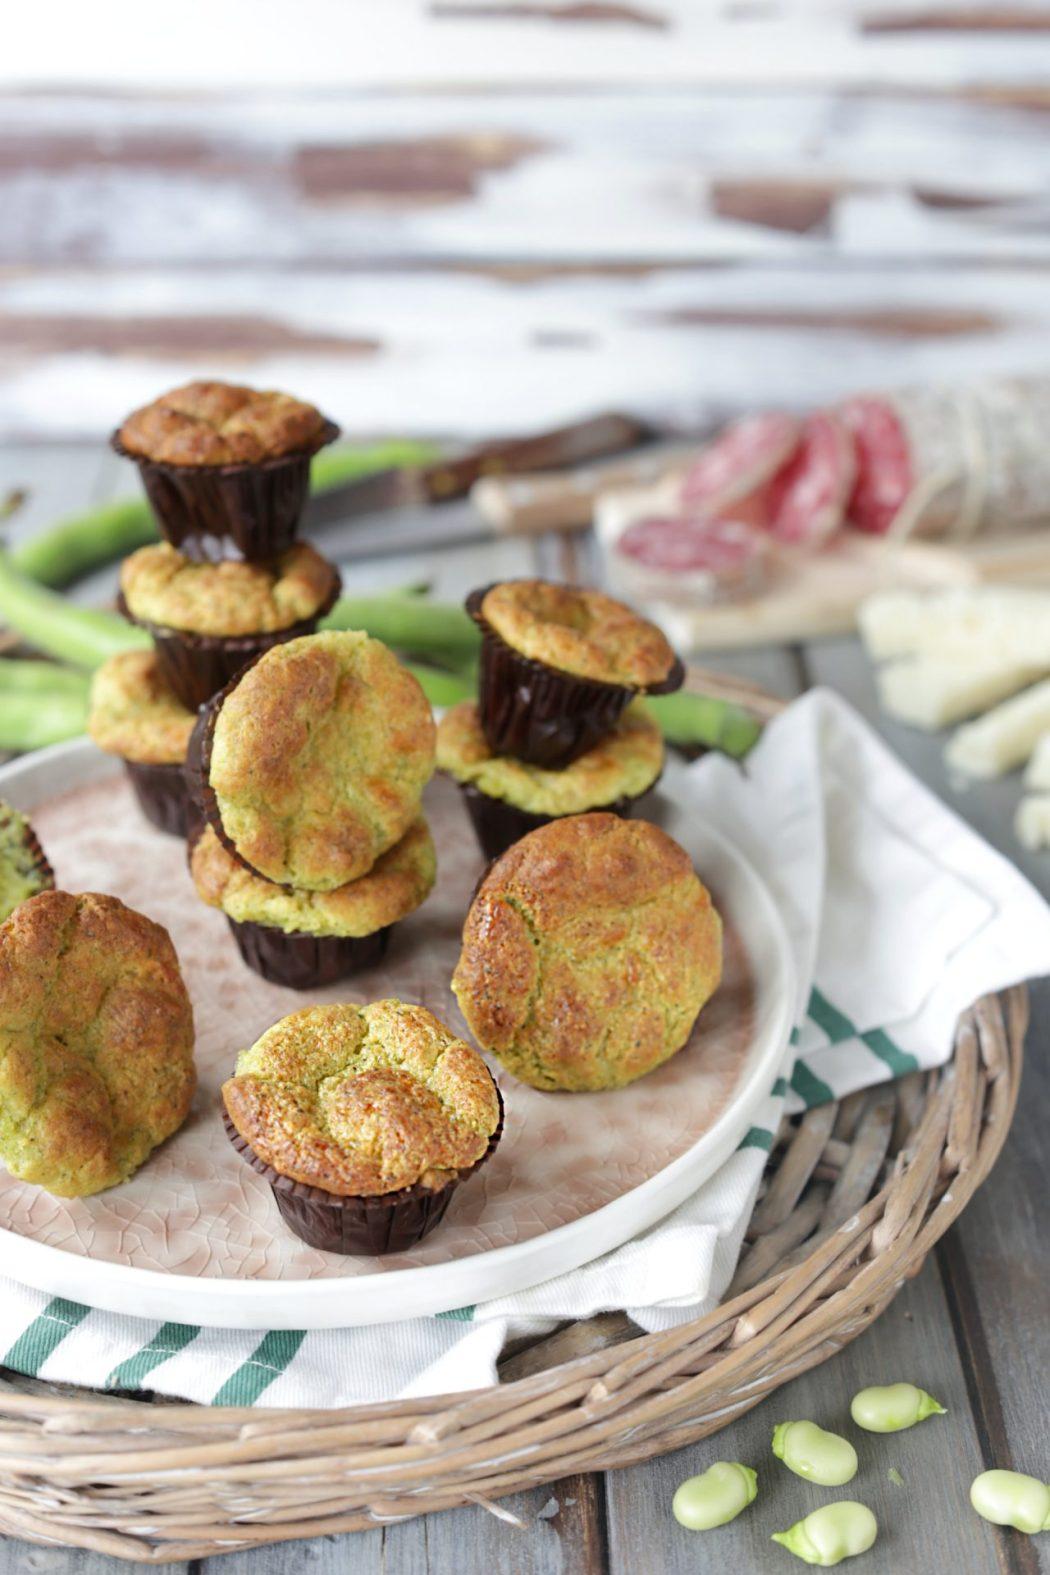 Ecco una ricetta per fare dei soffici e gustosi muffin salati con le fave fresche